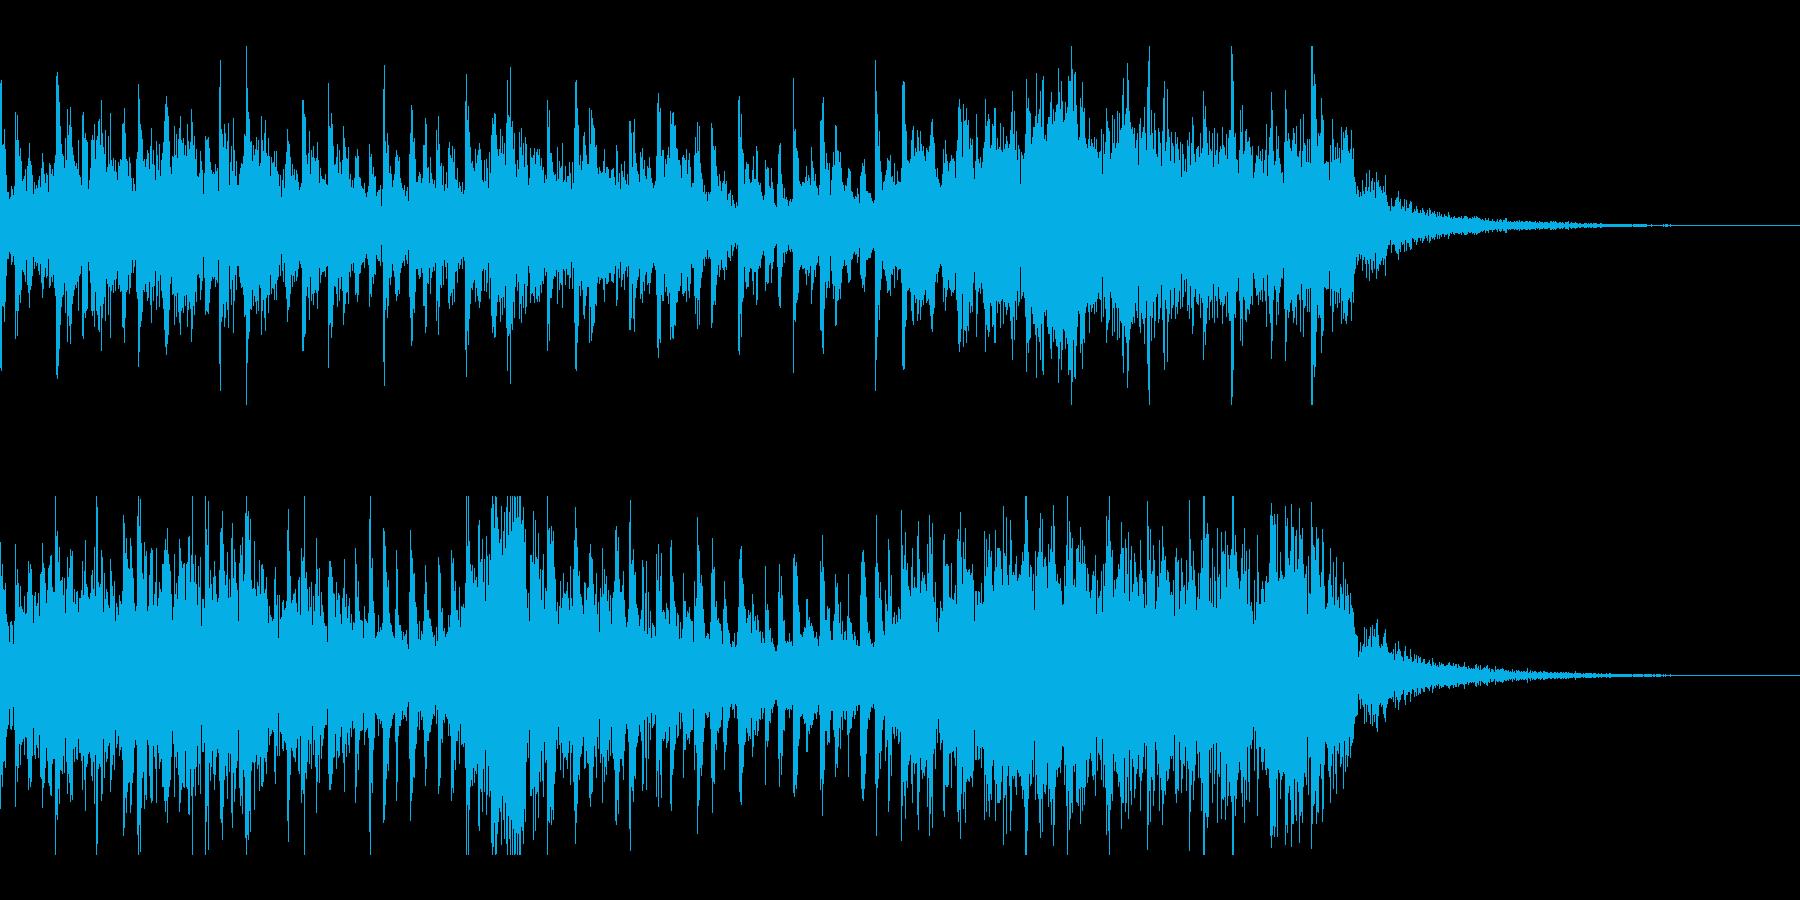 SF的エスニック風アイキャッチの再生済みの波形